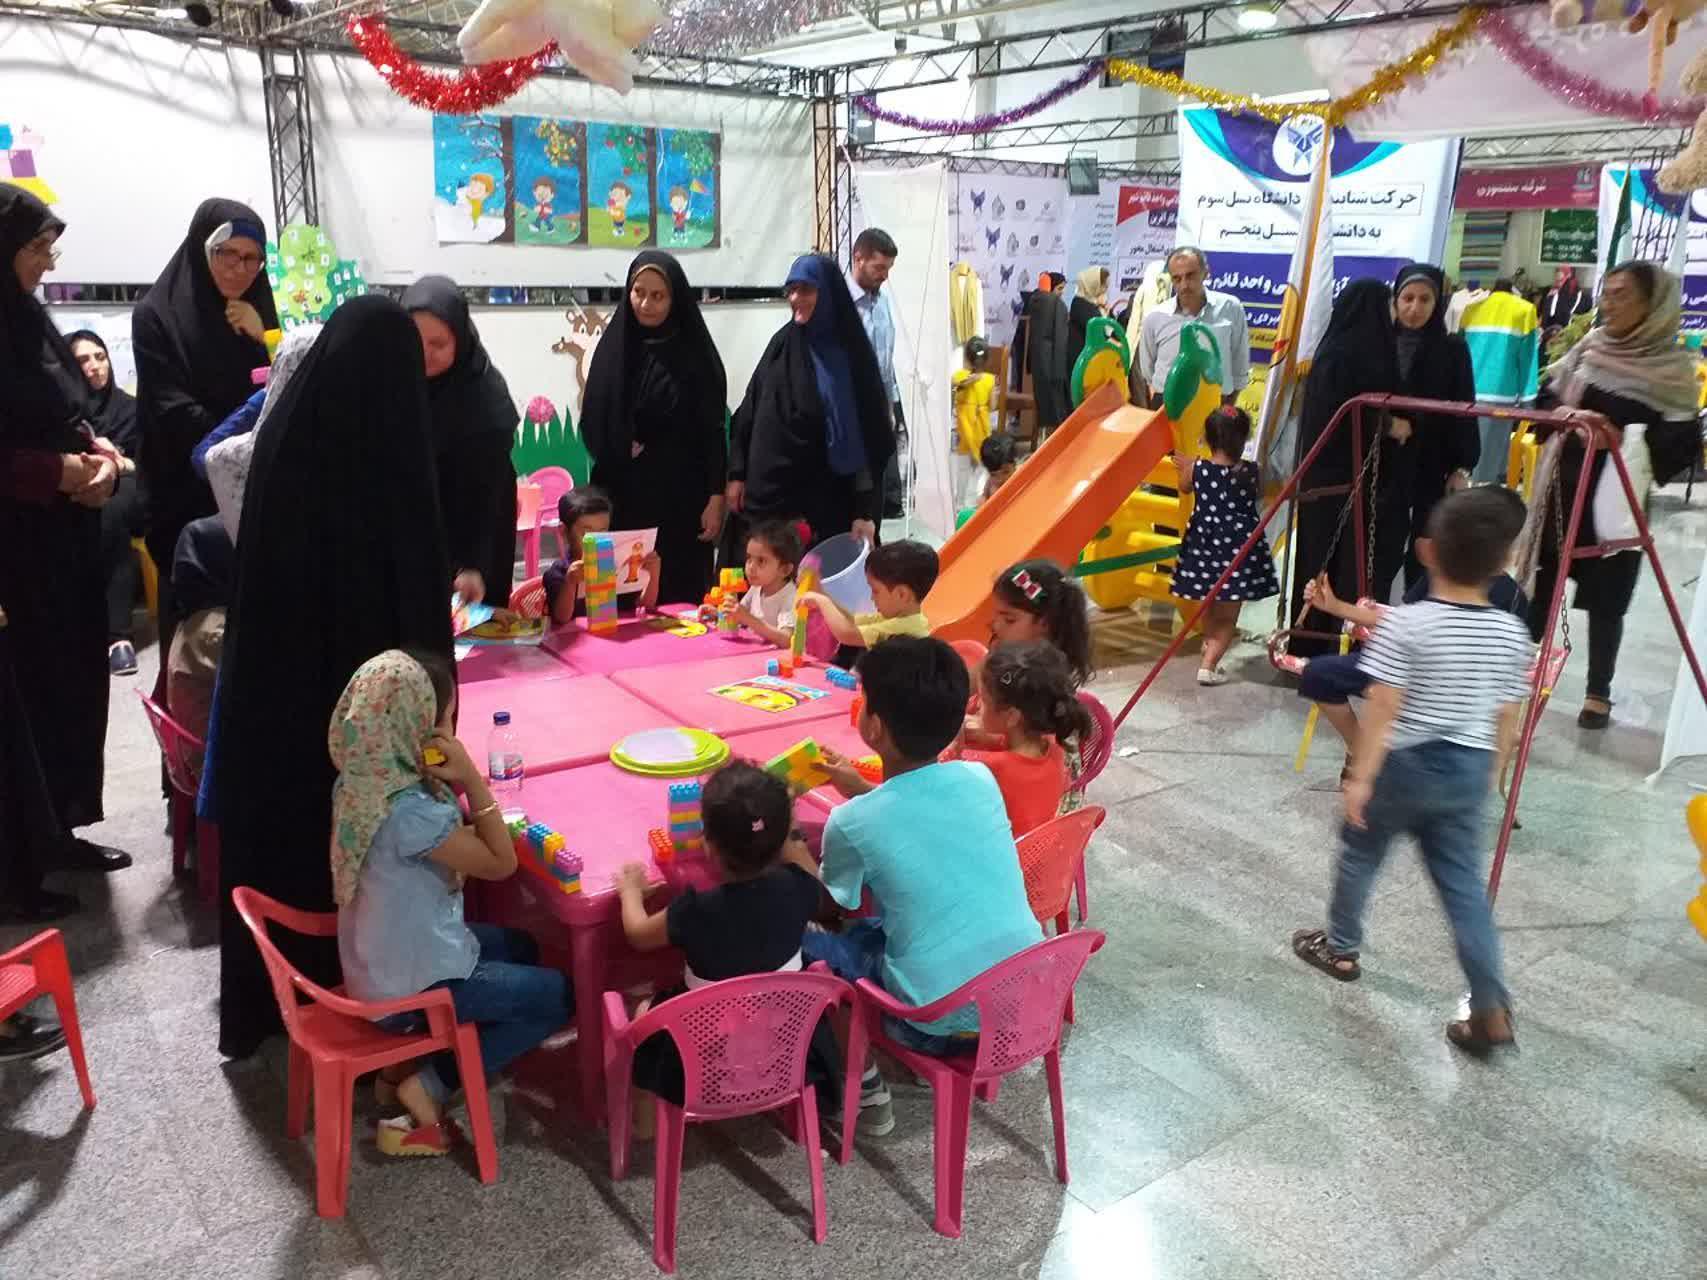 حضور خواهران طلبه مازندران در نمايشگاه مد و لباس ايراني اسلامي